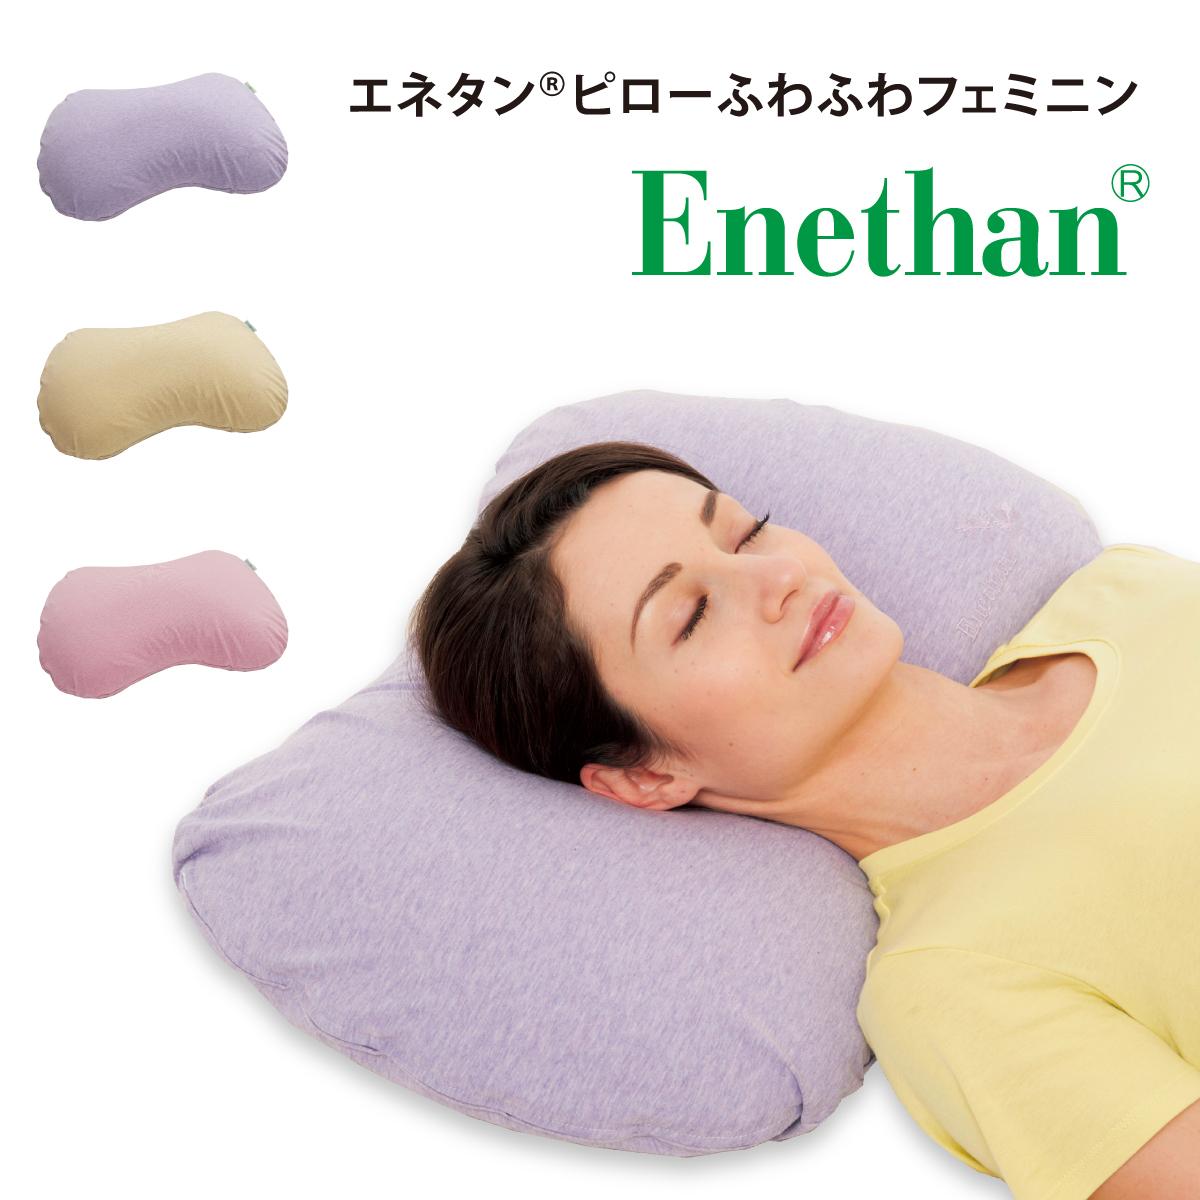 使われる方の頭部と頚部を包み込むように形が変化するエネタンフォームを使用 眠ることが楽しみになる 包み込まれるような心地よさです 9 10~9 11 1:59までクーポンで10%OFF 快眠をサポートする低反発枕 肩こりや首の疲れにおすすめのピロー エネタン 直輸入品激安 幅60 洗える枕 寝やすい枕 ウレタン 肩こり 綿100 首枕 春の新作 高さ8 肩 ネックピロー 安眠